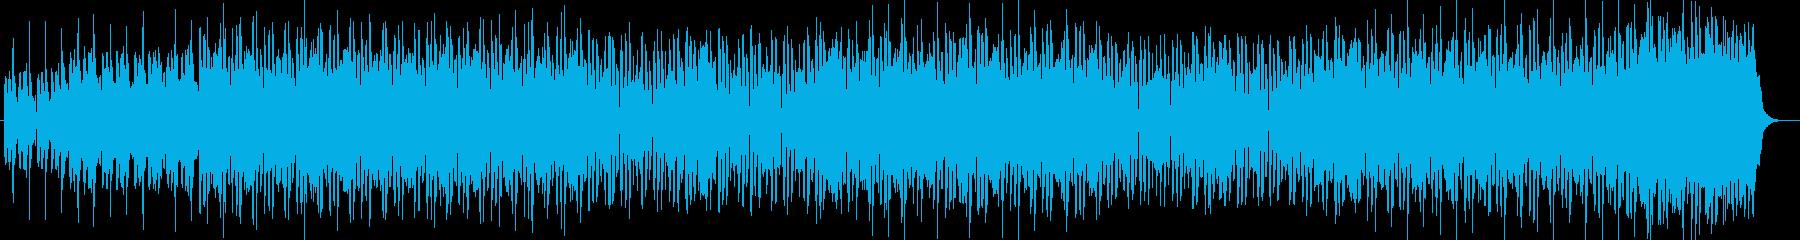 格闘技入場系ハードロックなHIPHOPの再生済みの波形